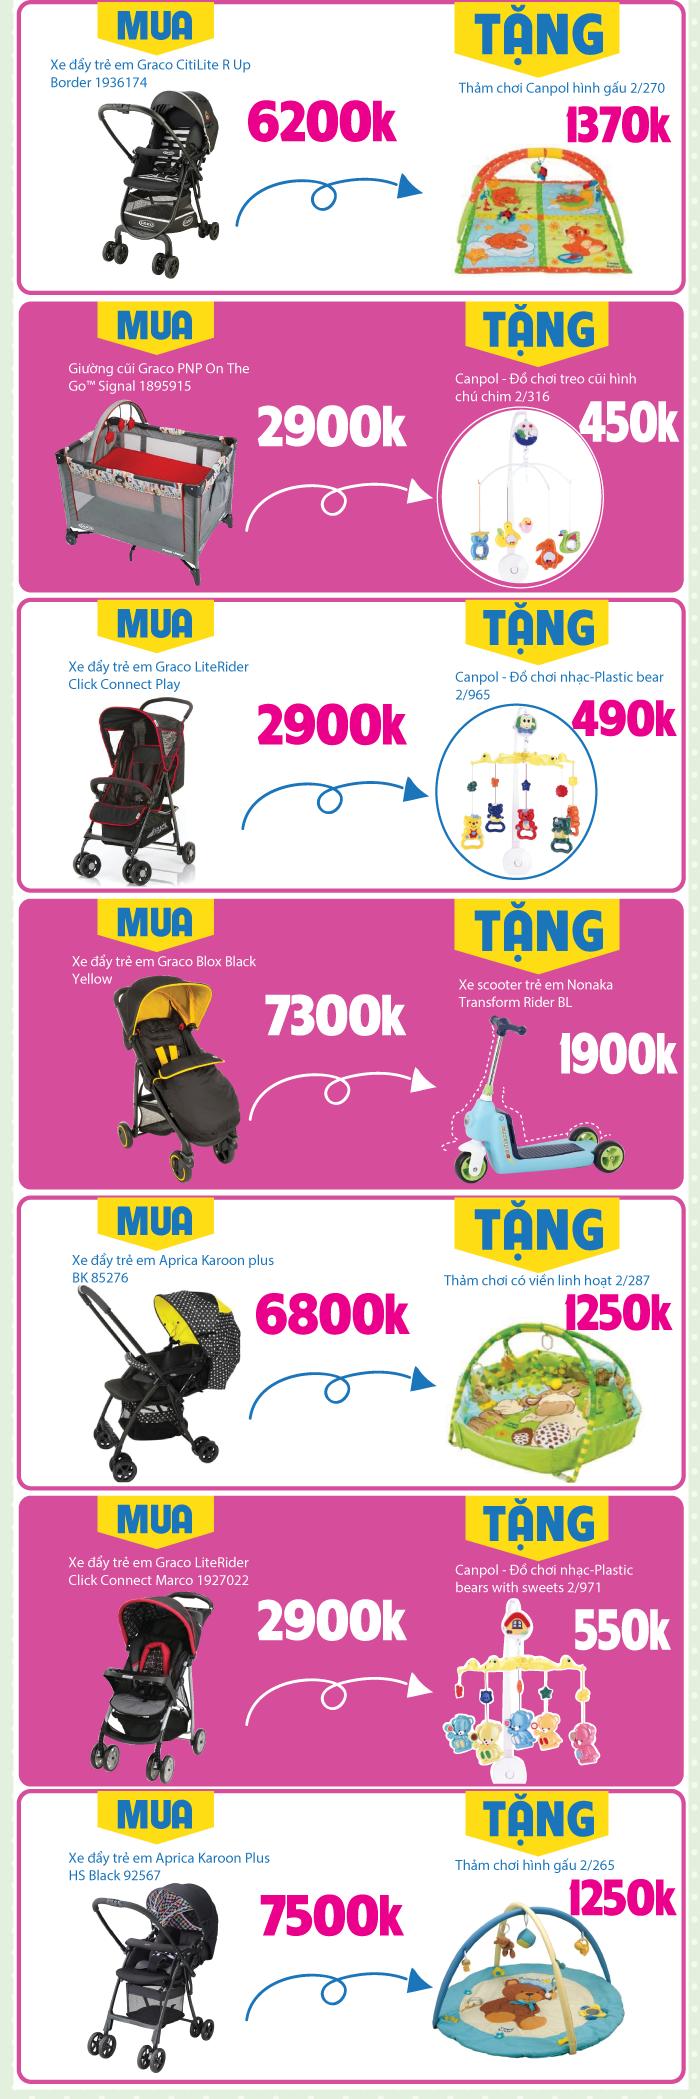 Tuần Sắm Hàng Nhật - Mẹ Thật An Tâm